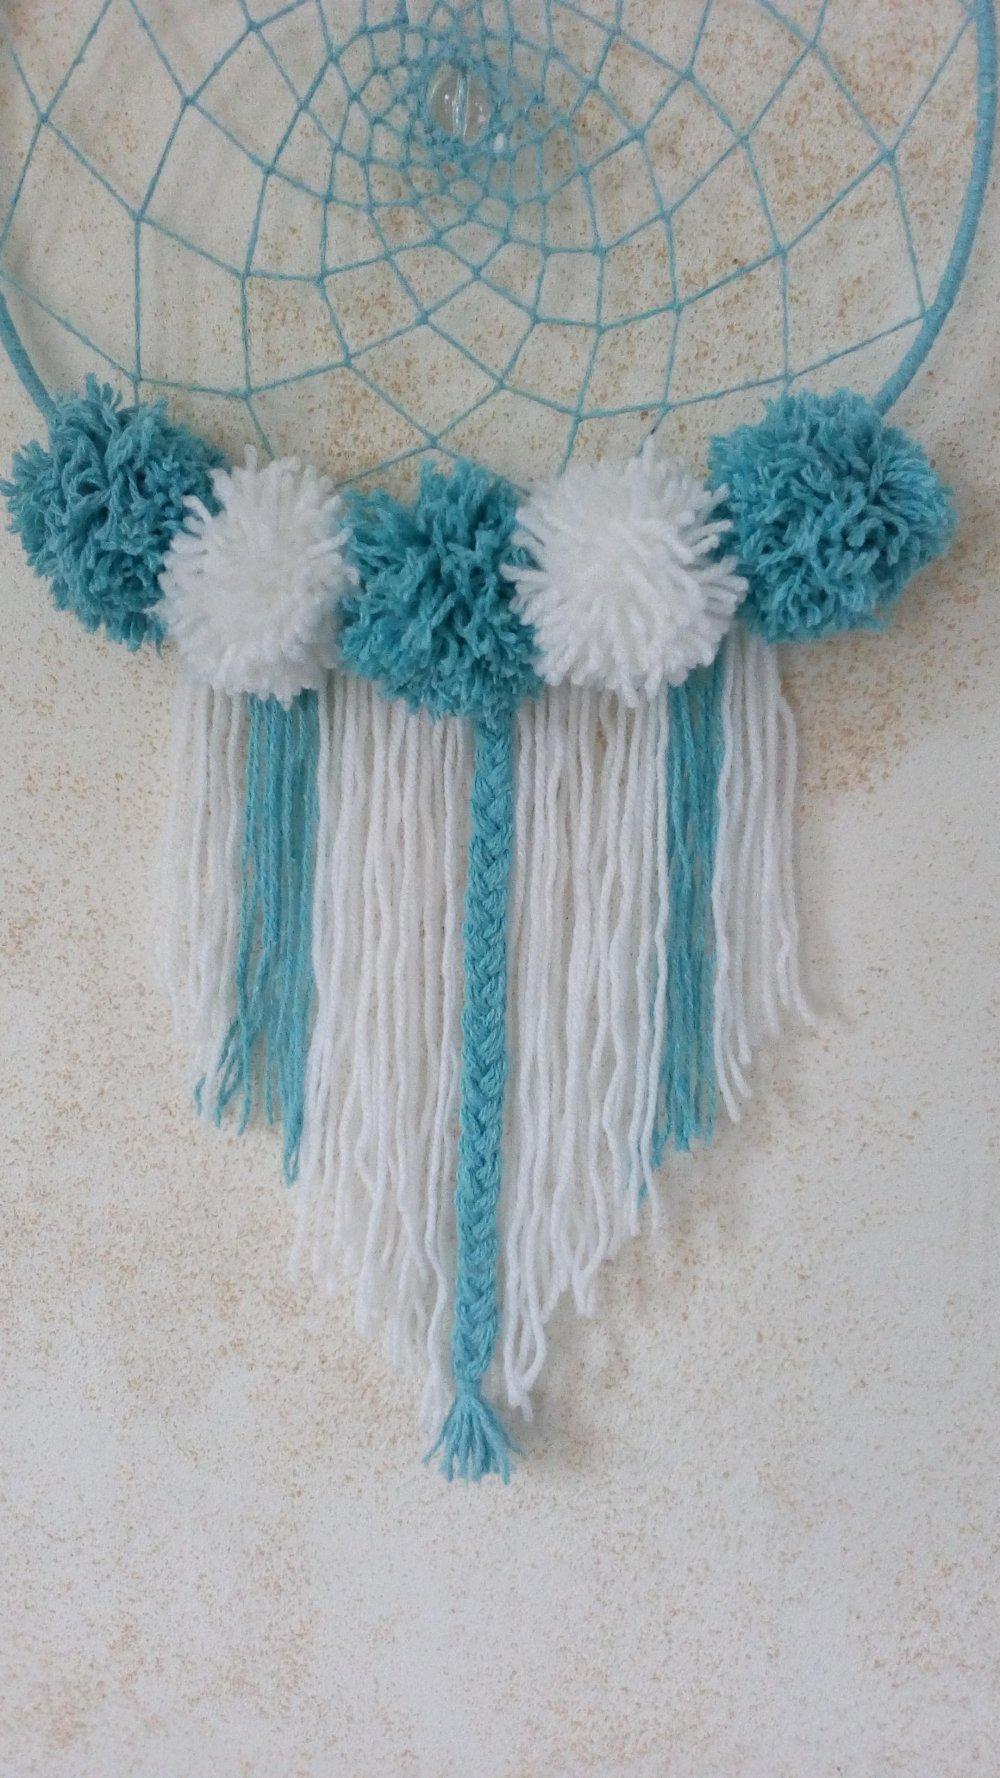 Attrape rêves dreamcatcher bleu turquoise et blanc à pompons